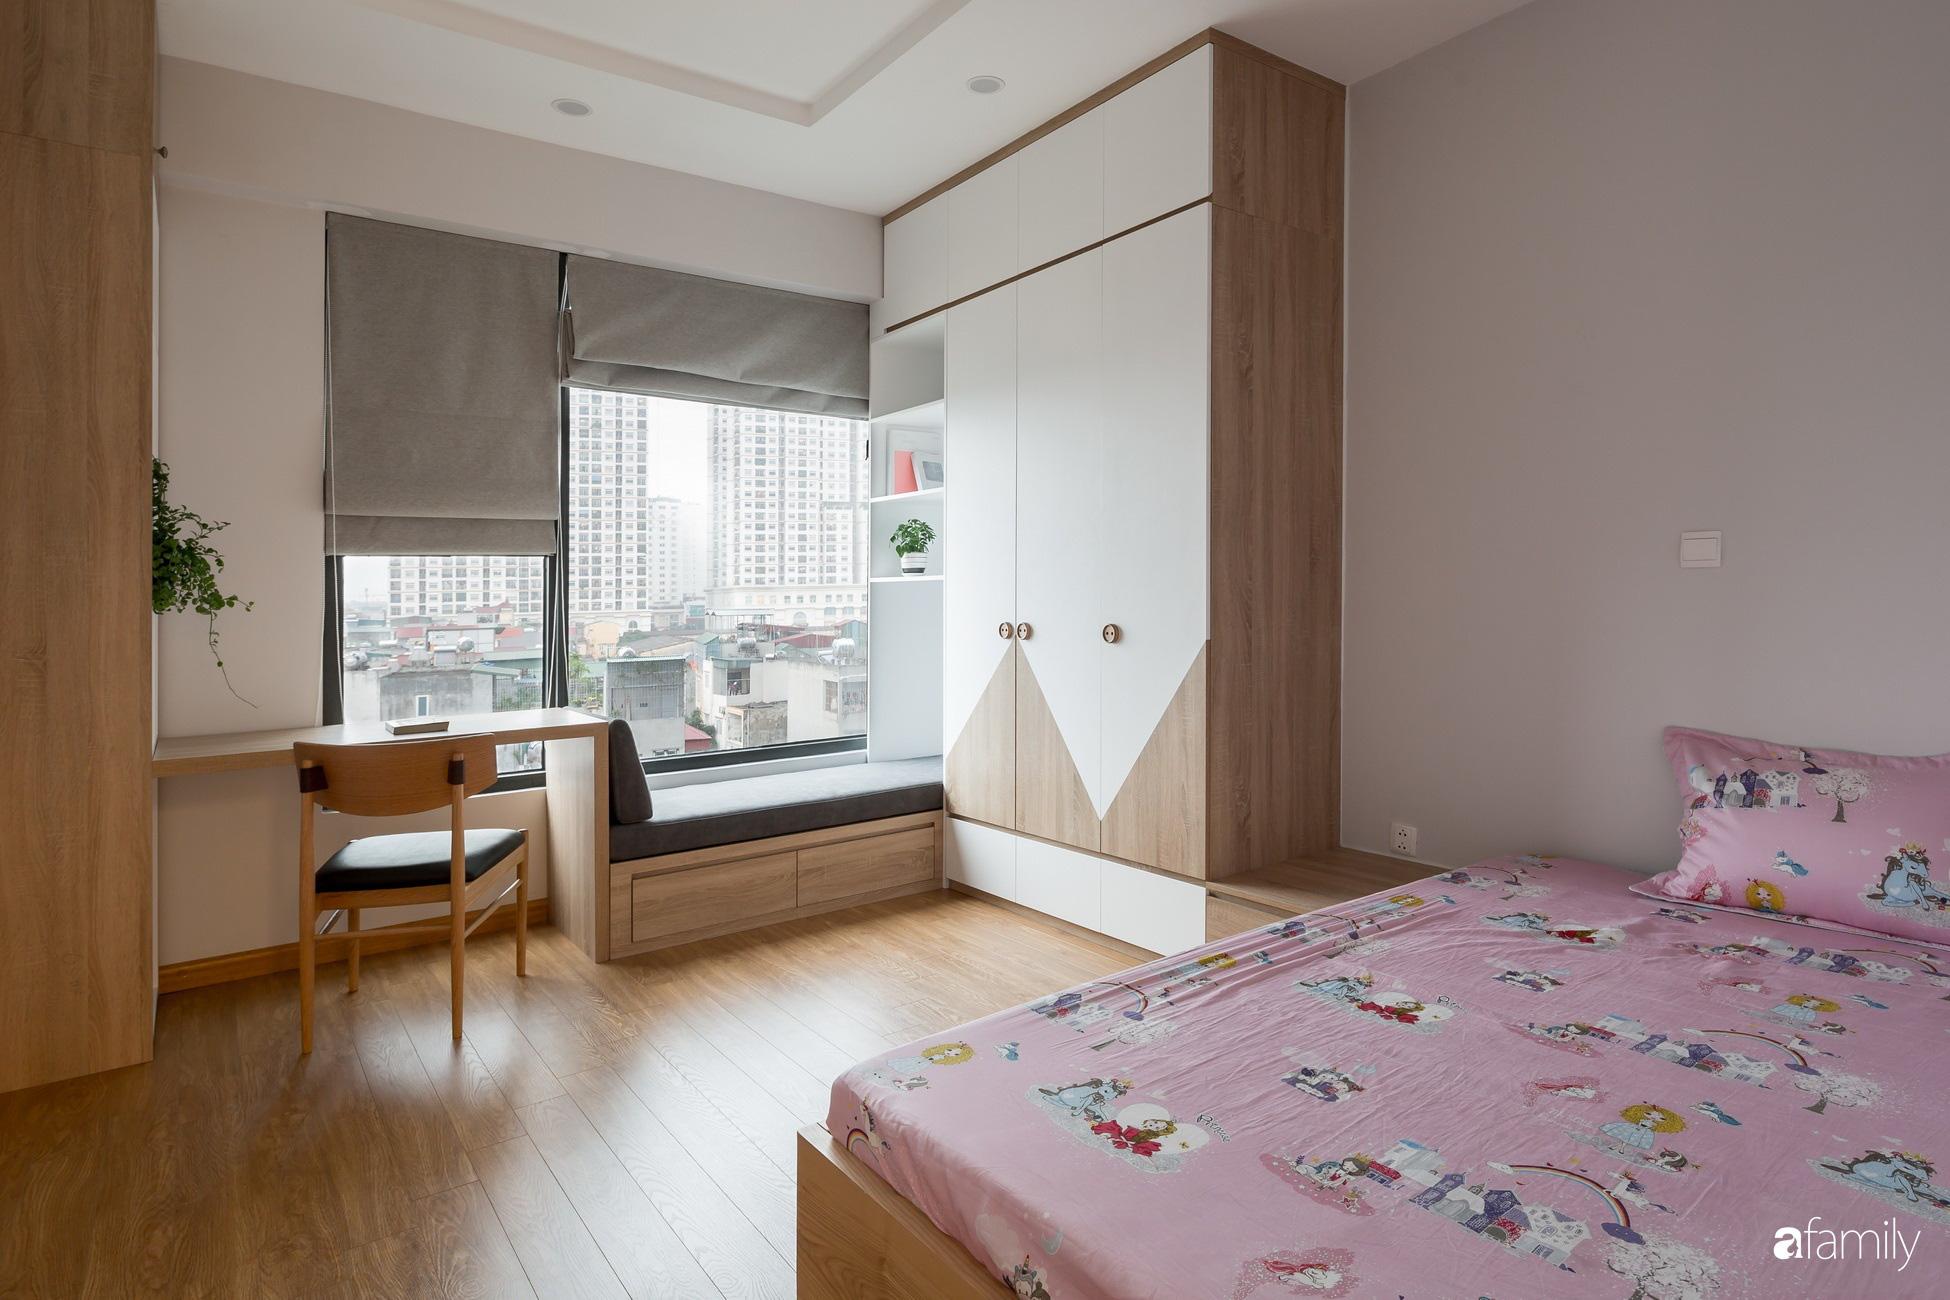 Căn hộ tối giản hút hồn từng mét vuông cho gia đình 6 người ở Minh Khai, Hà Nội - Ảnh 11.